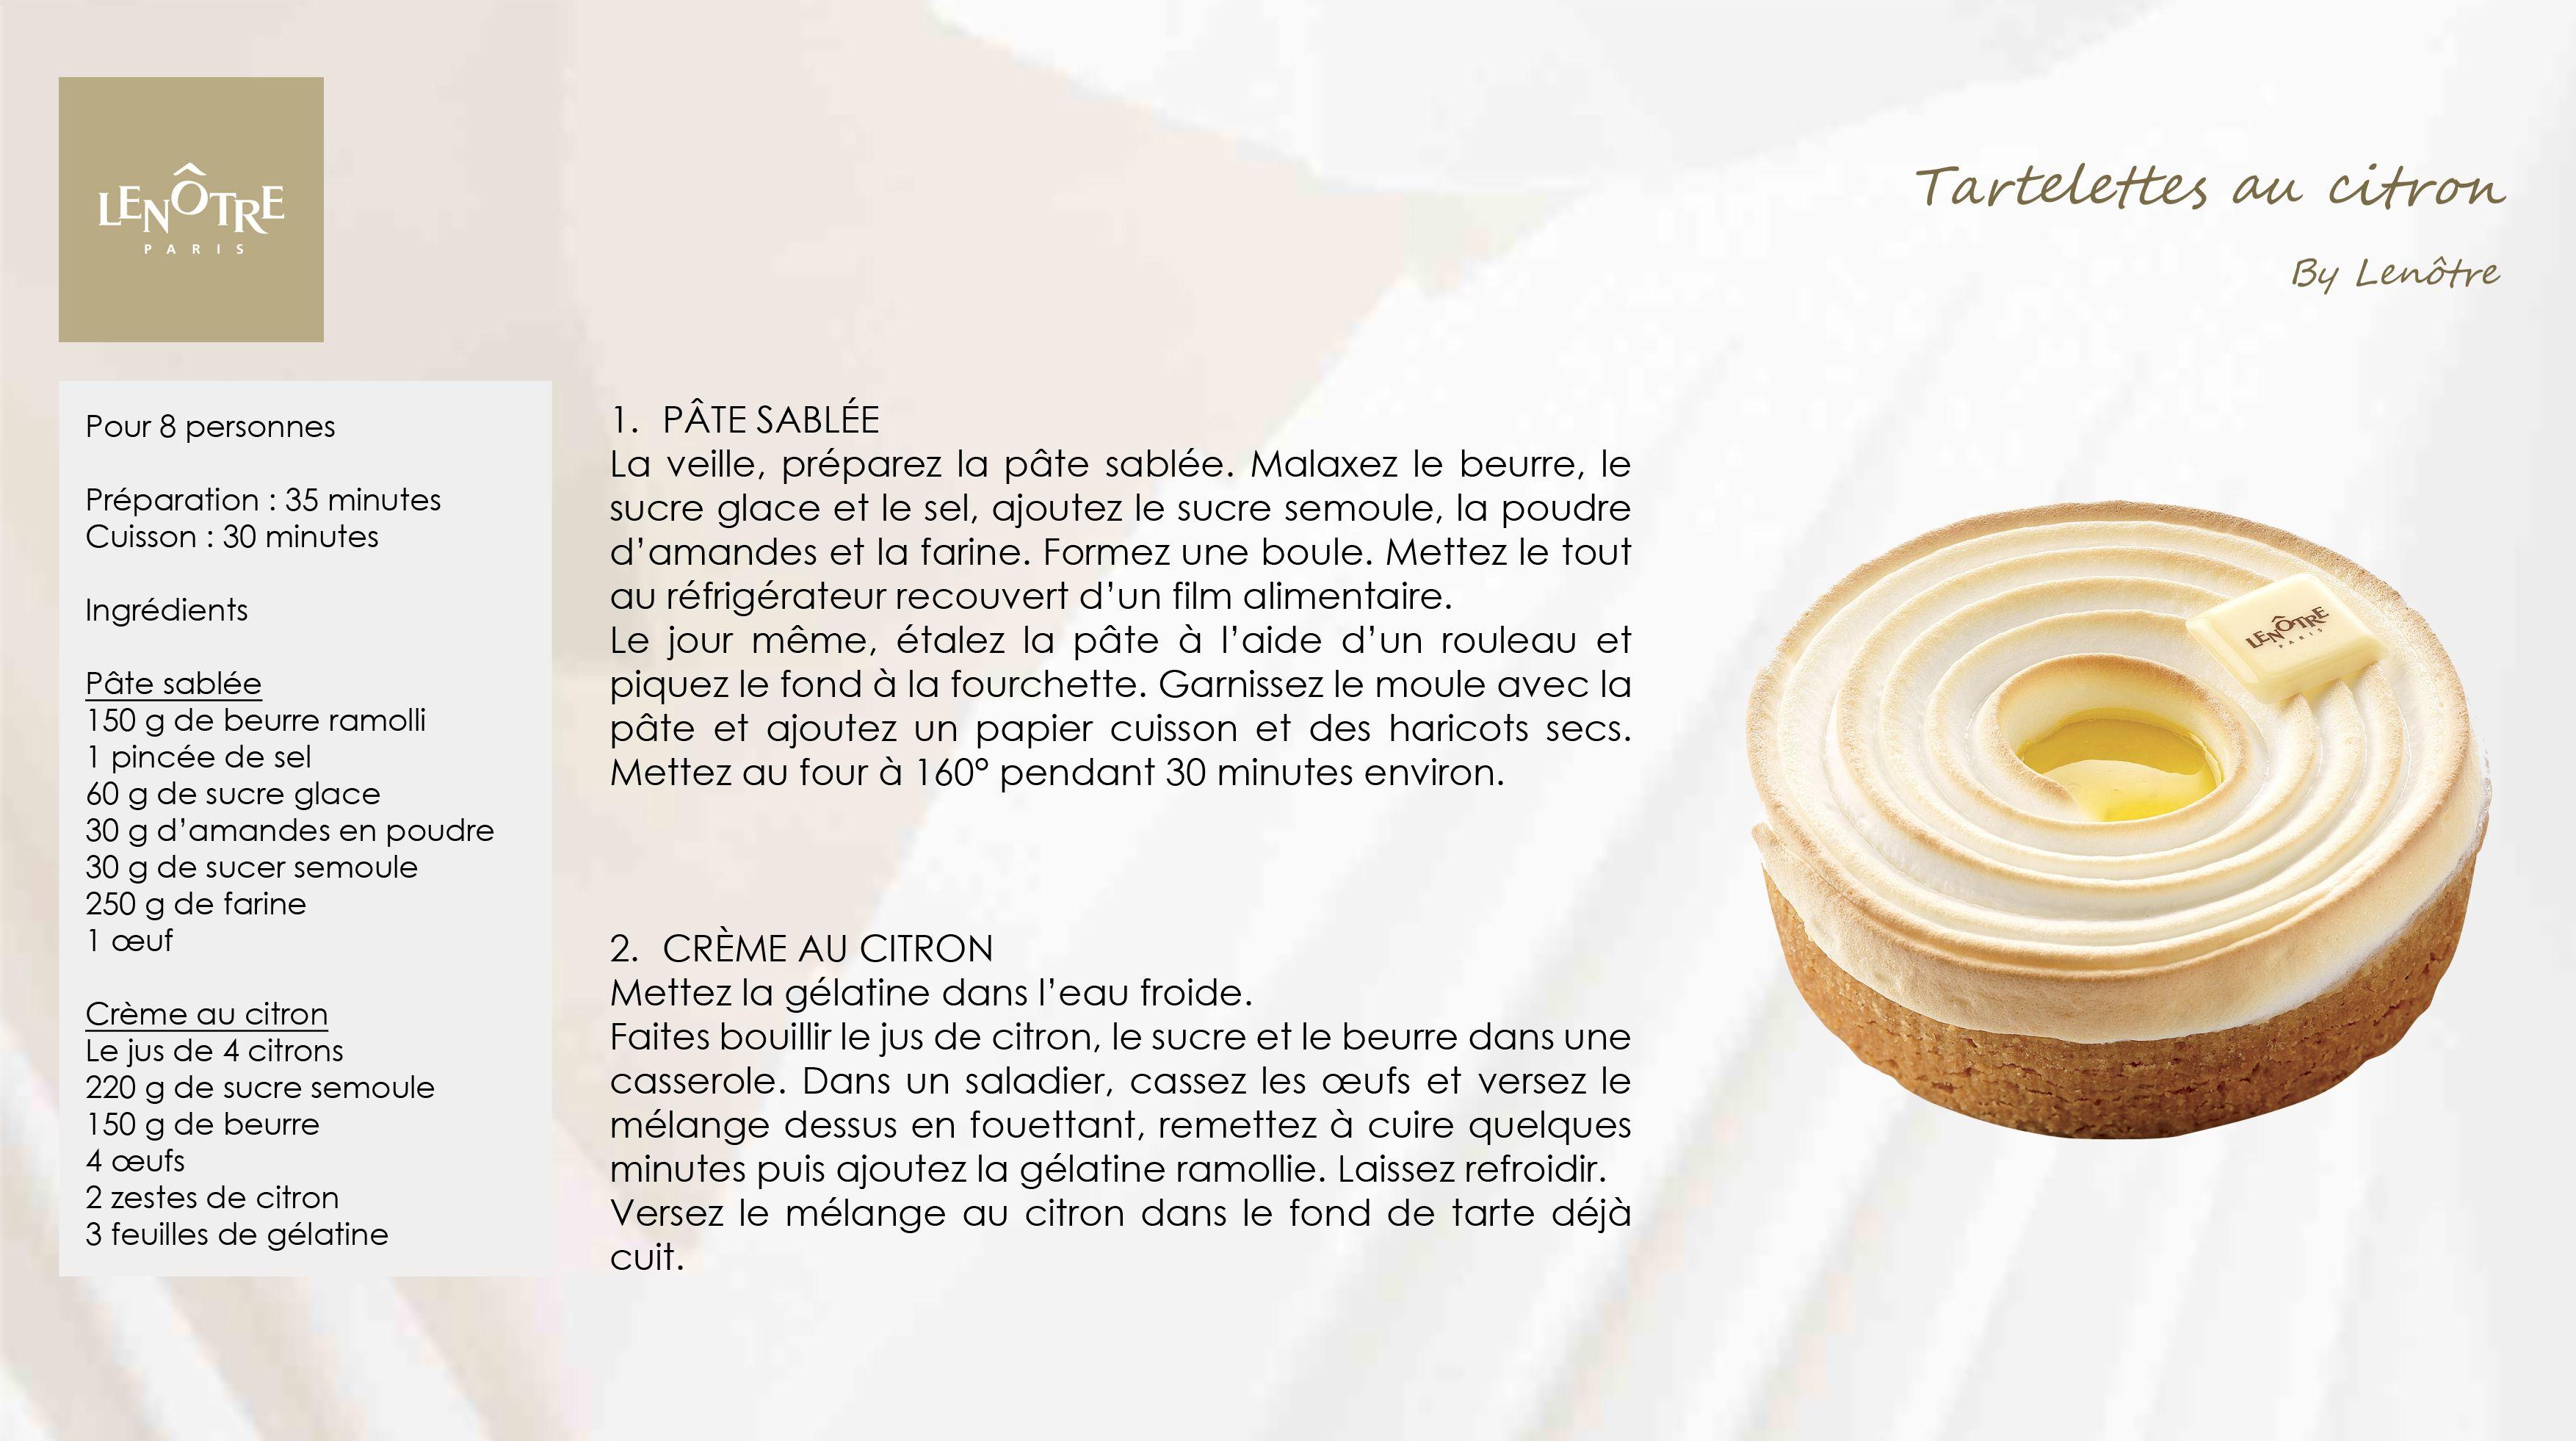 Lenotre Tartelettes Au Citron Cours De Cuisine Lenotre Cuisine